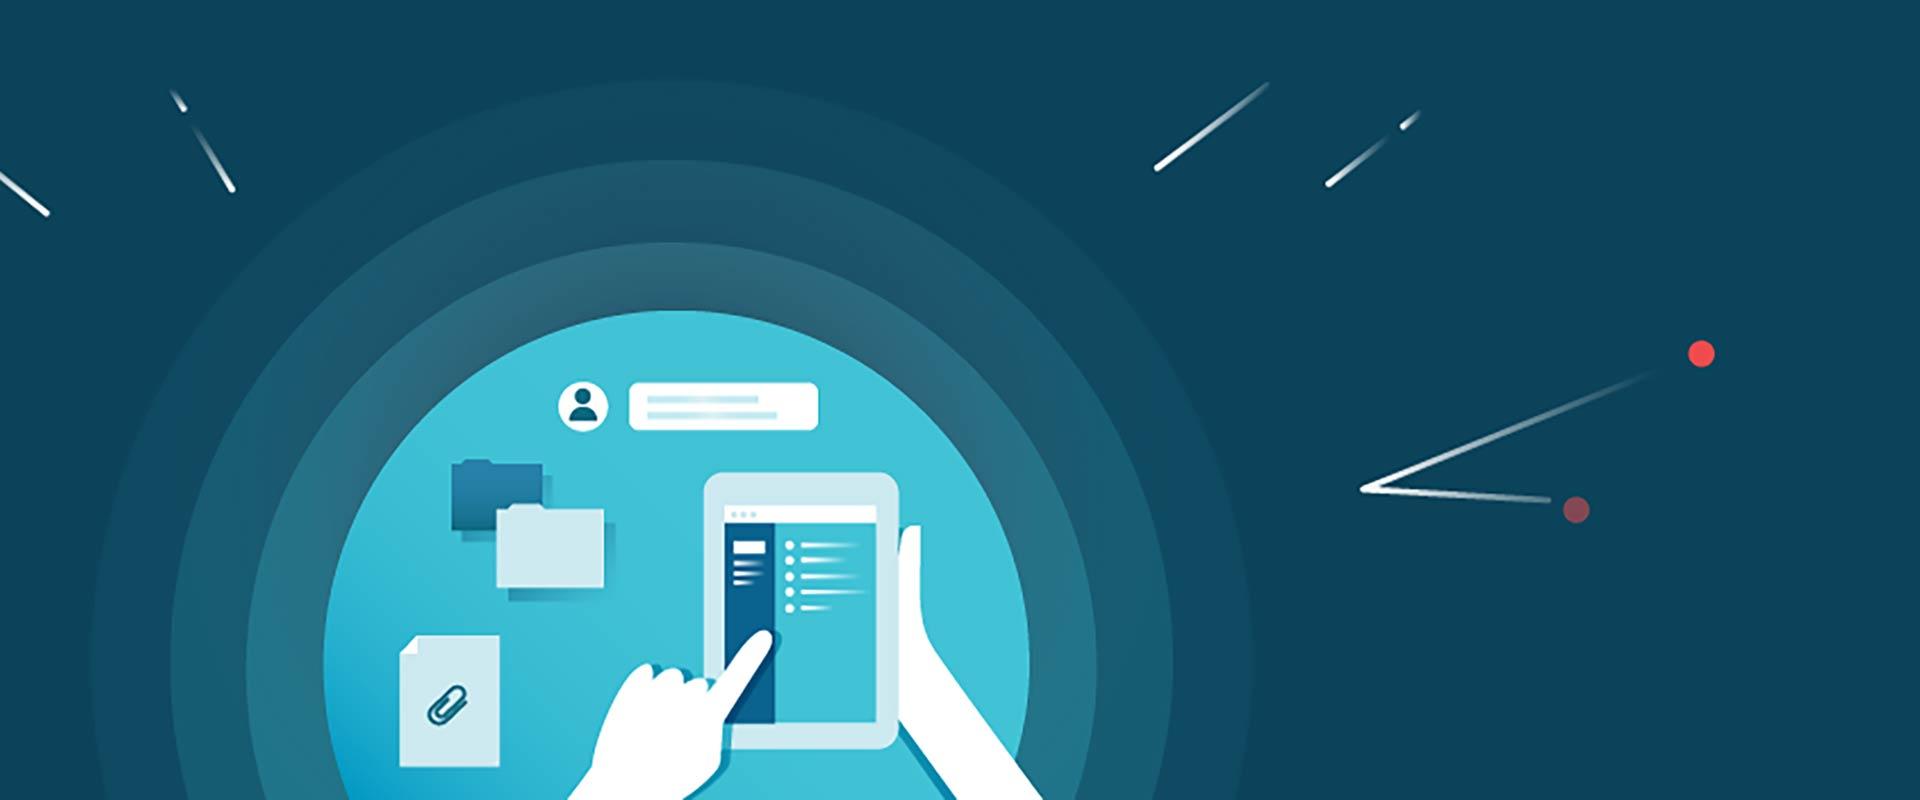 Zorgen voor een beveiligde digitale werkplek – stap 1: preventie